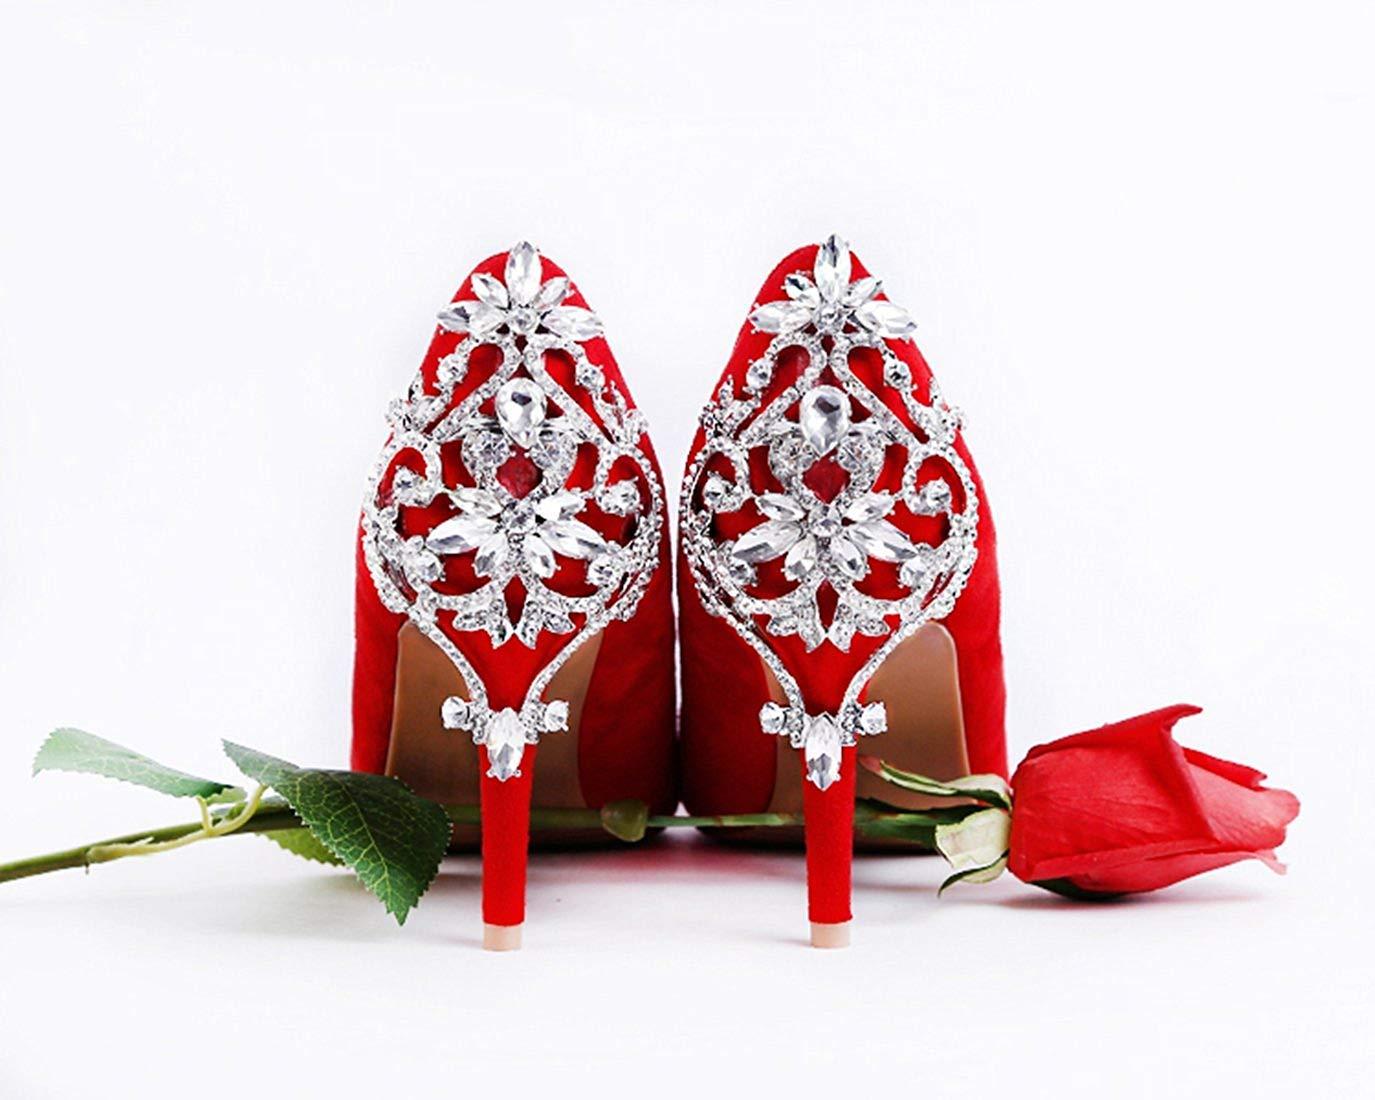 ZHRUI Frauen Retro Slip-on Applique rot Wildleder Wildleder Wildleder Brautkleid Schuhe UK 2.5 (Farbe   -, Größe   -) 4dec70